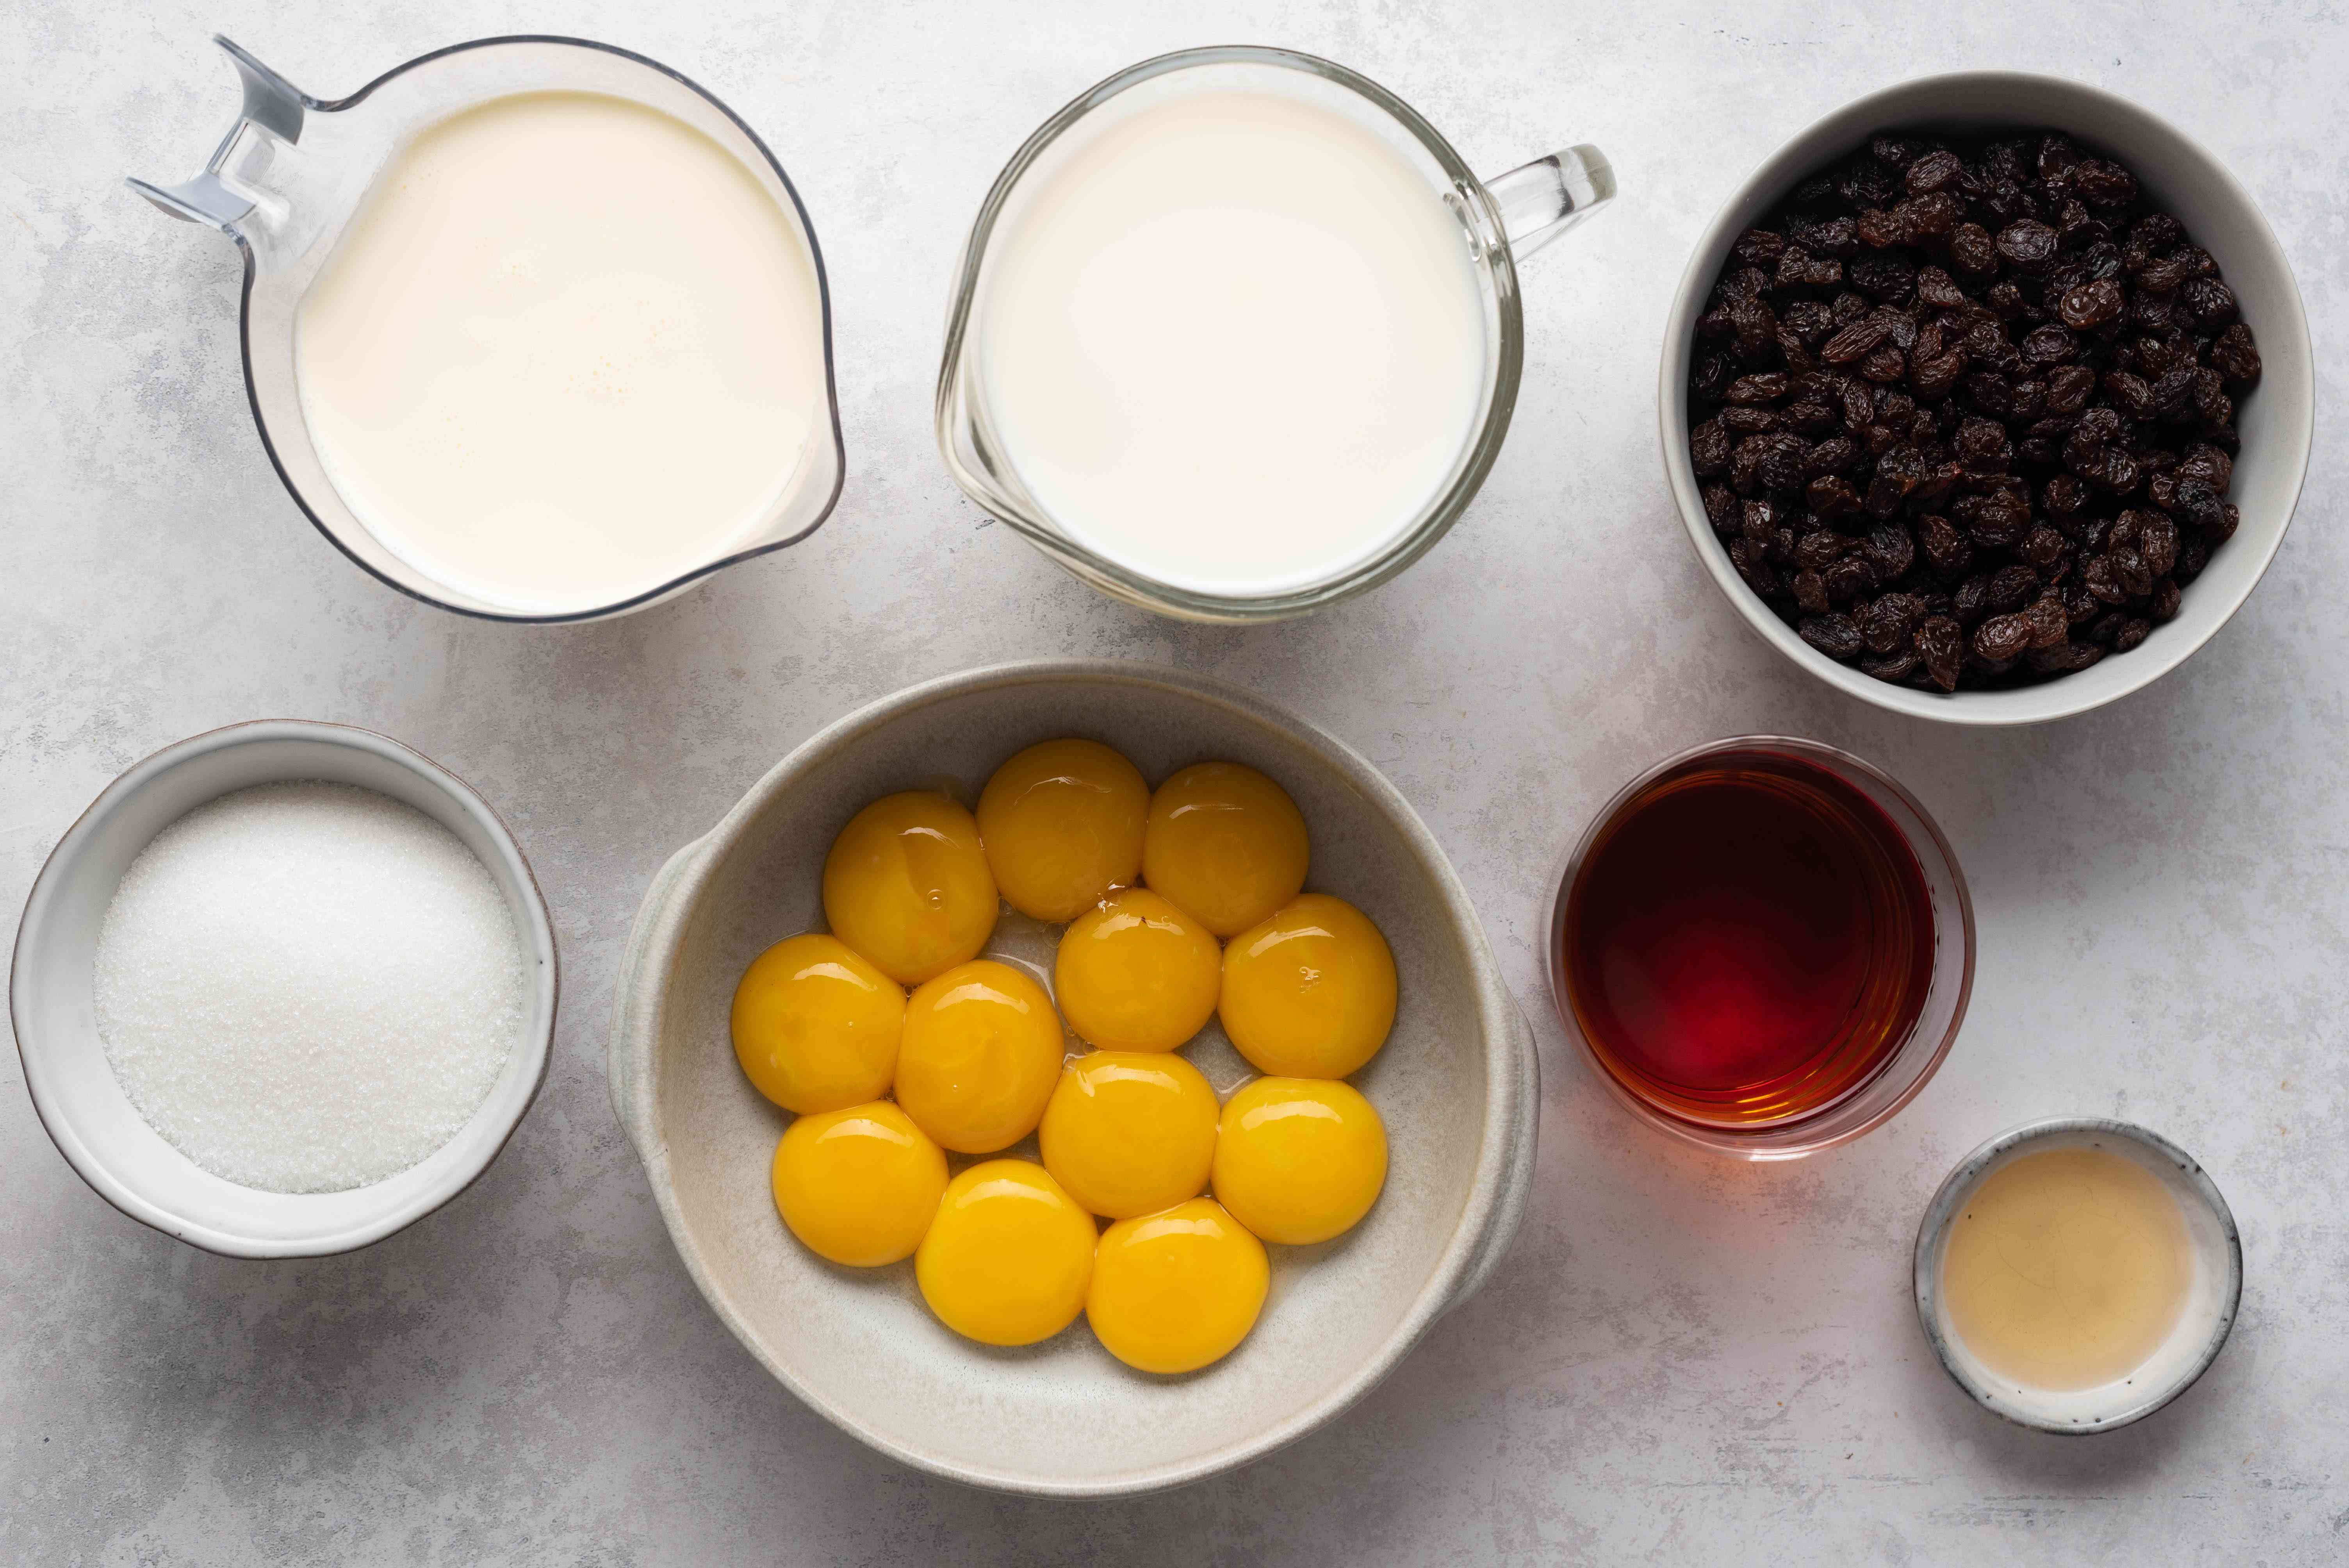 Rum Raisin Ice Cream ingredients